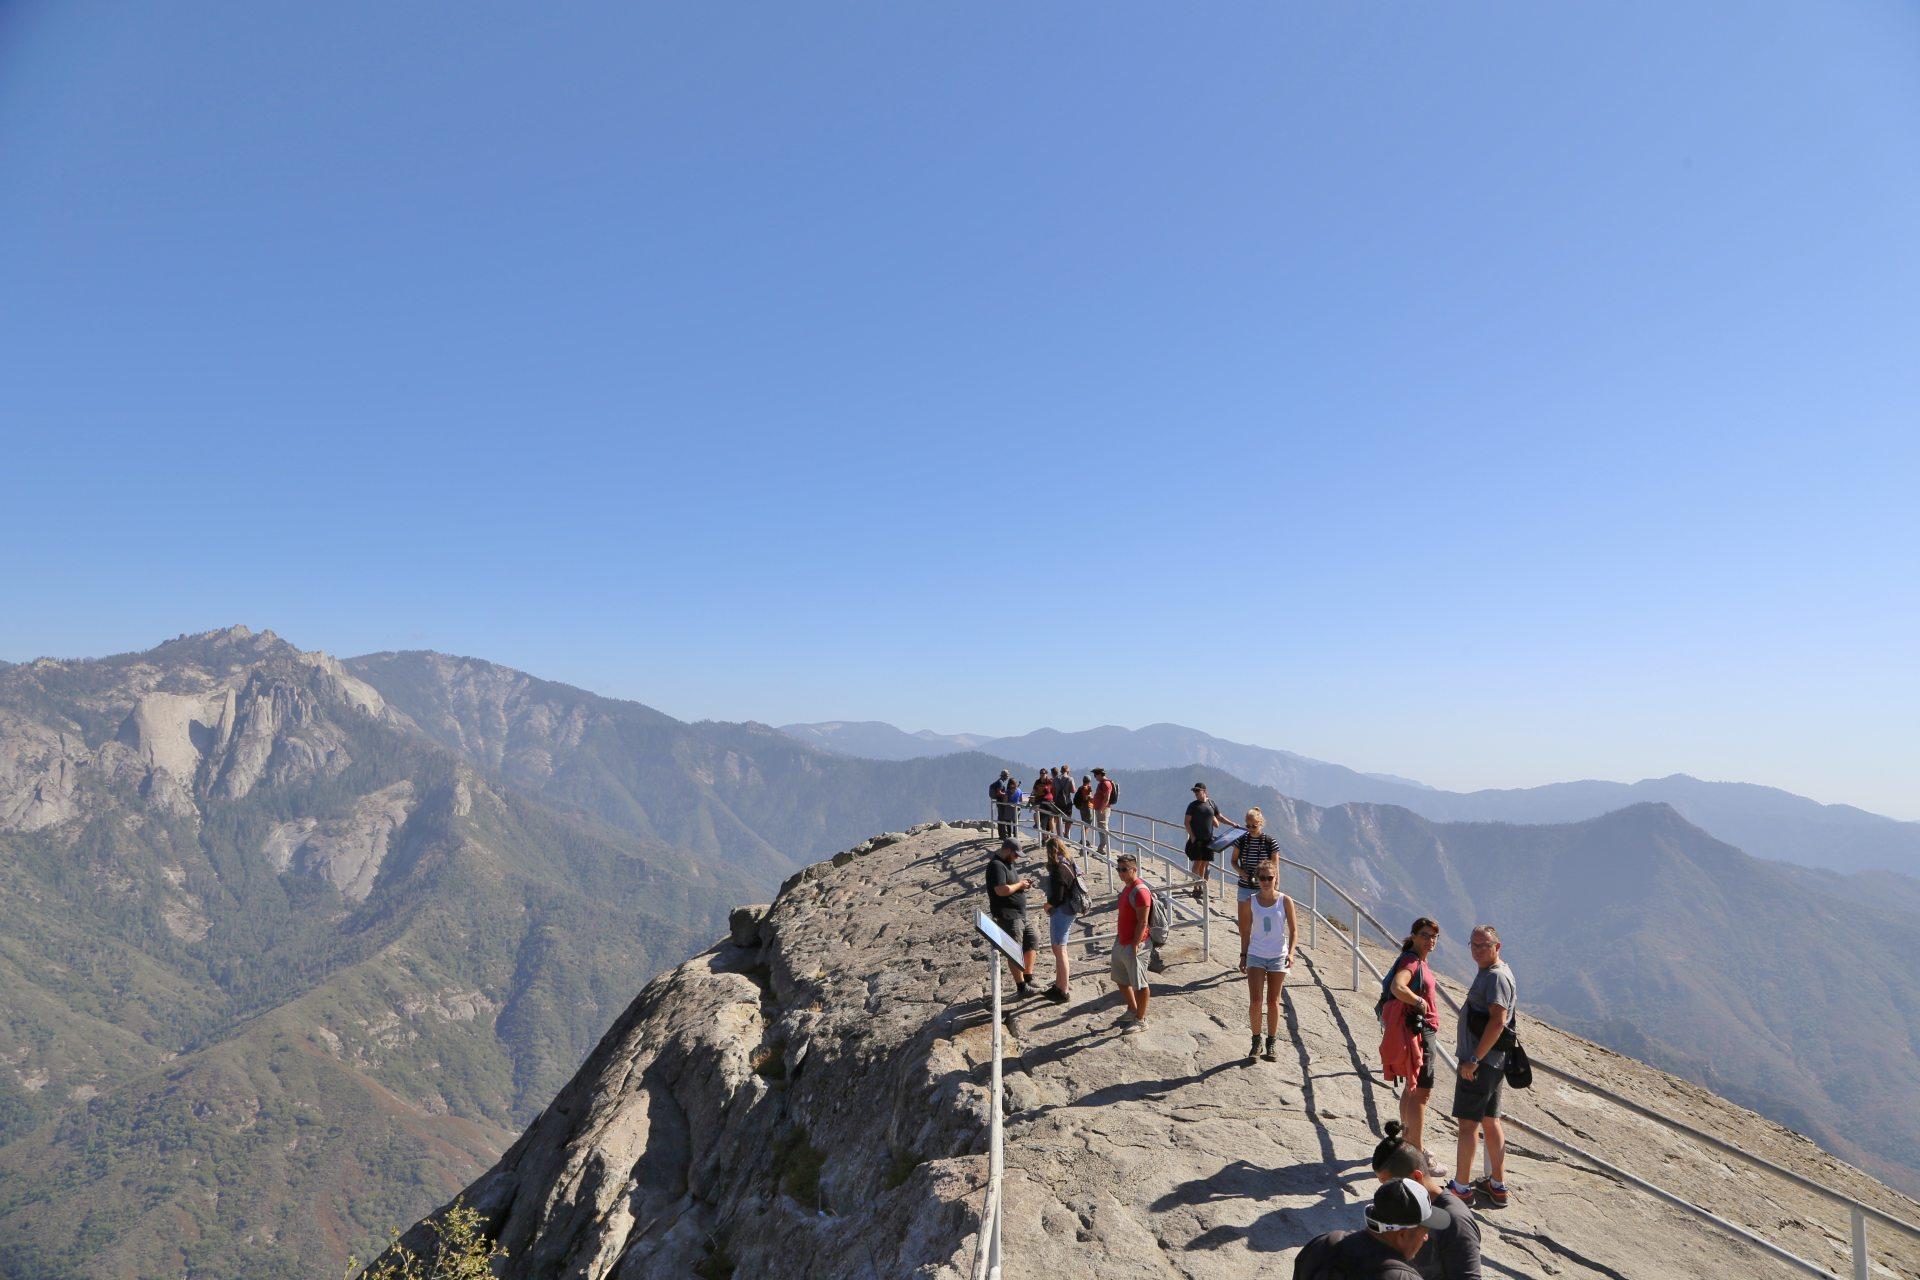 Moro Rock drauf hab ich Bock! - Ausblick, Aussicht, Berge, Fernblick, Fernsicht, Gipfel, Himmel, Kalifornien, Landschaft, Natur, Panorama, Sequoia National Park - (Pinewood, Sequoia National Park, California, Vereinigte Staaten)